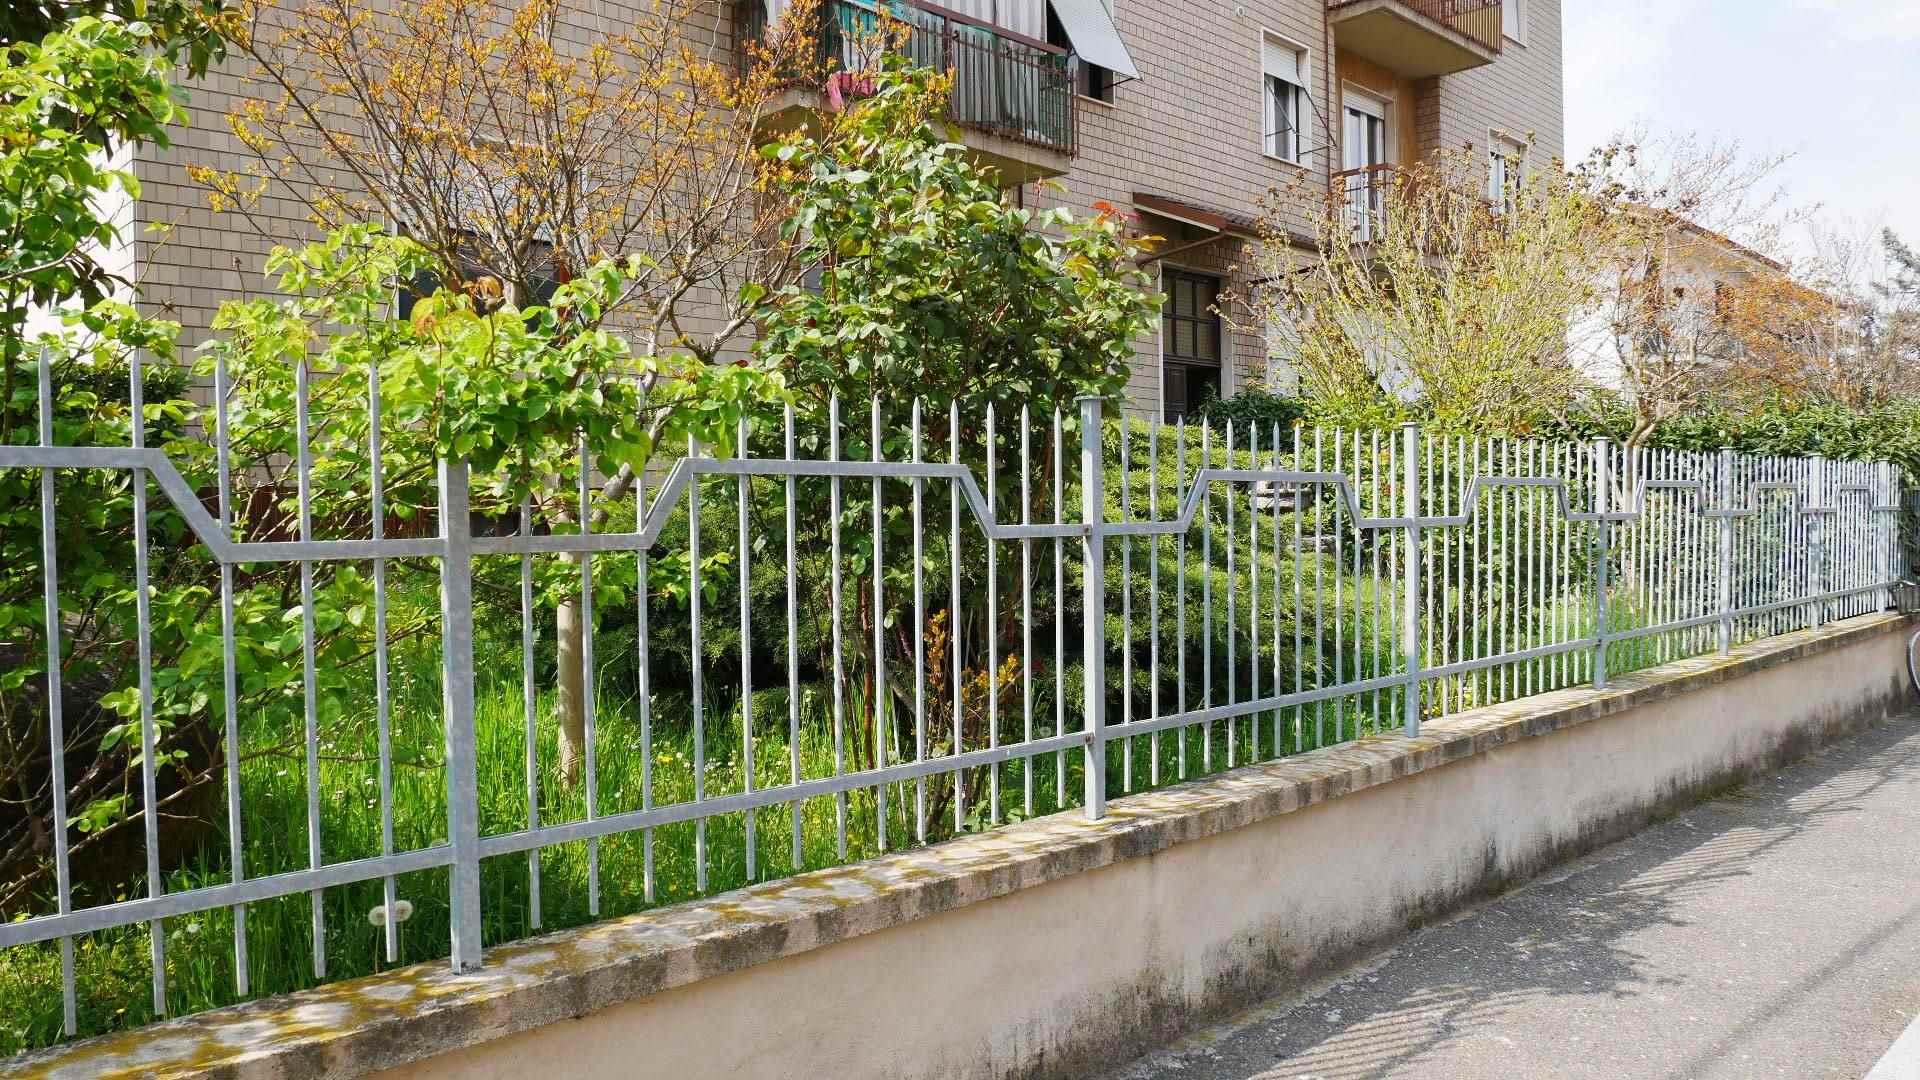 Appartamento in vendita a Pozzolo Formigaro, 4 locali, prezzo € 85.000 | CambioCasa.it